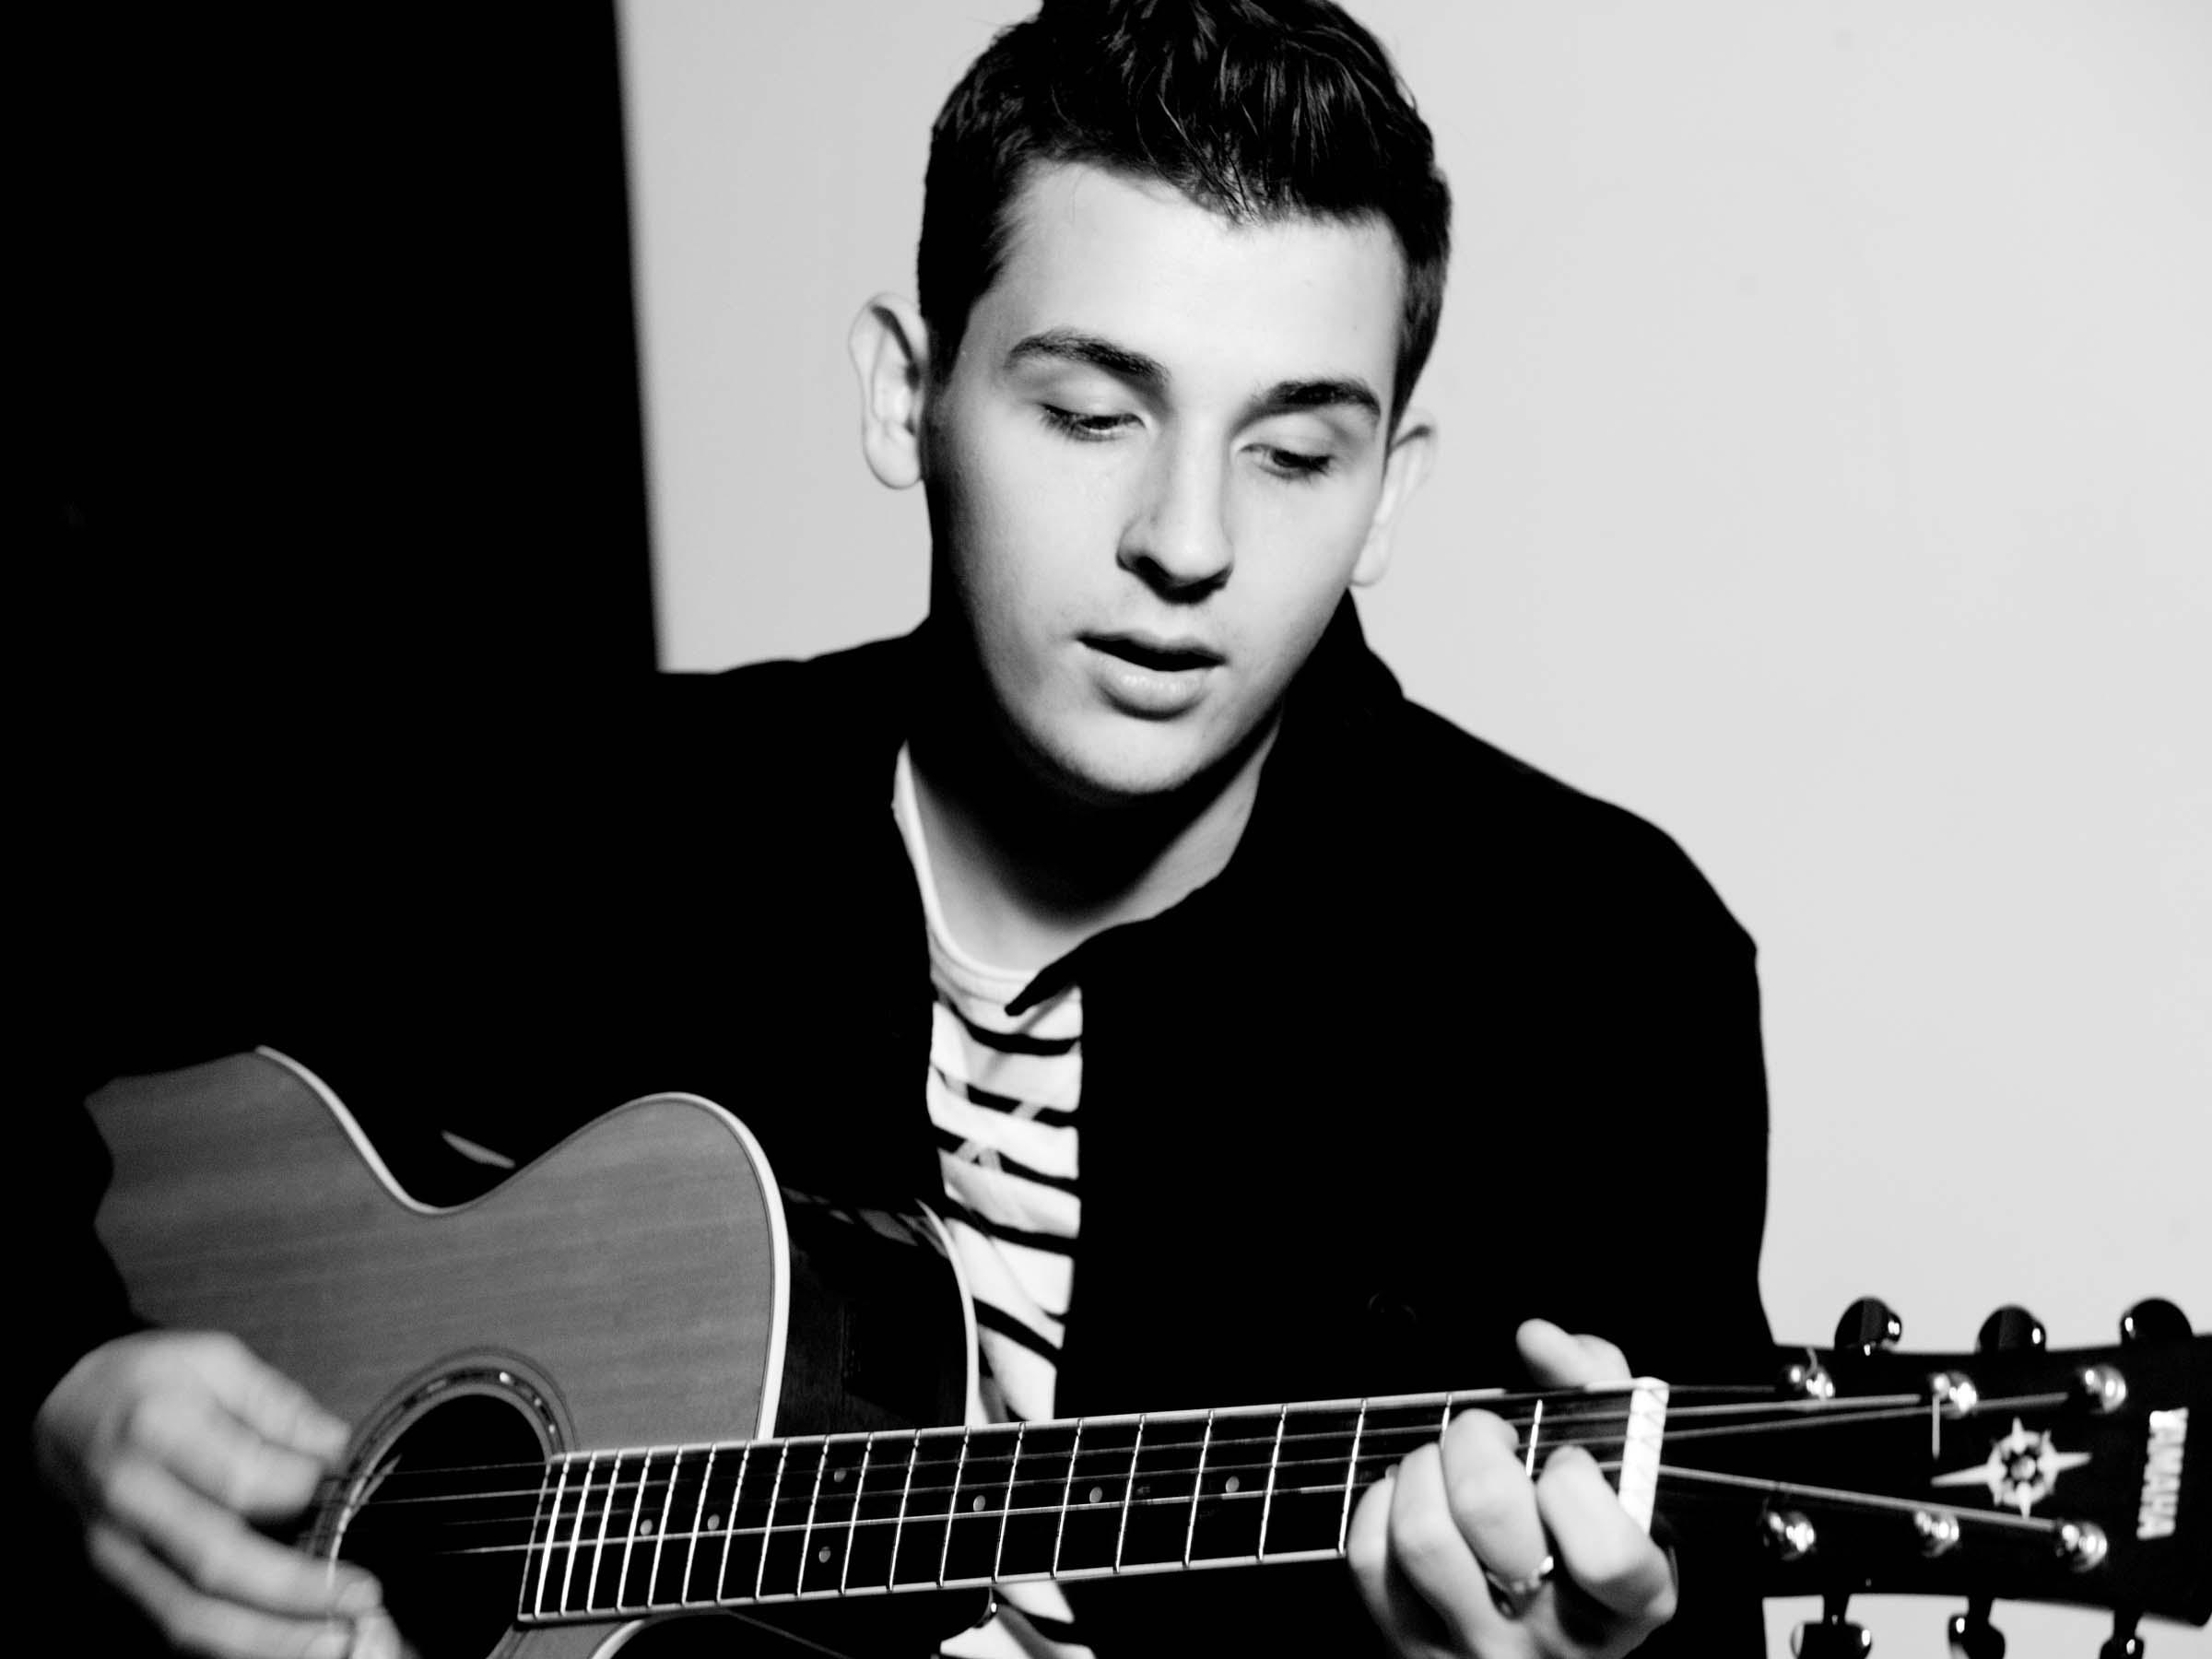 Nielson met gitaar persfoto qmusic.be6